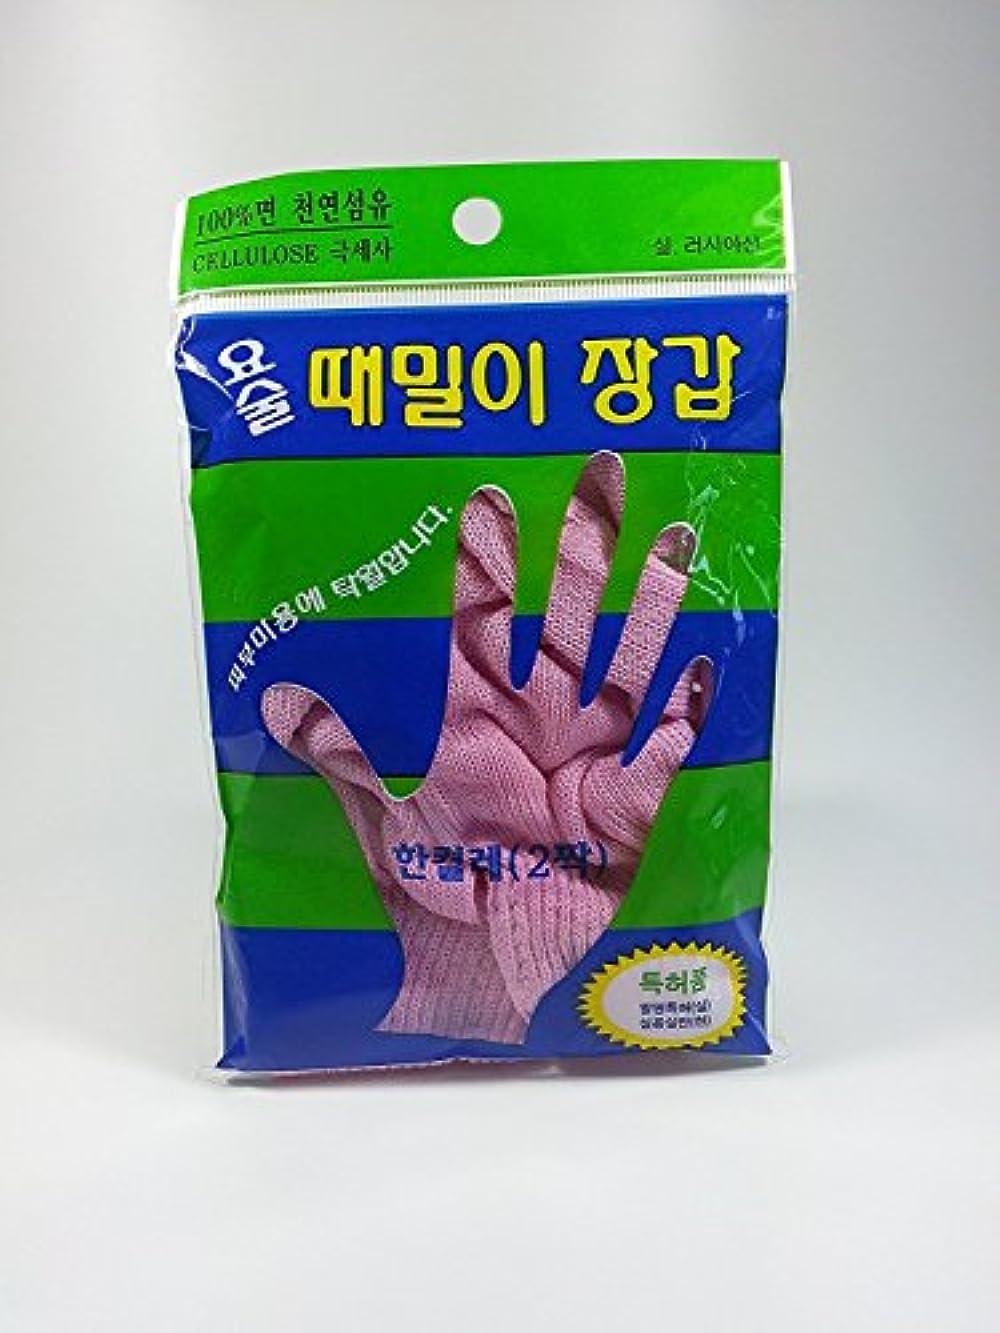 住所禁輸基本的なジョンジュン産業 韓国式 垢すり 手袋 バスグローブ 5本指 ボディスクラブ 100% 天然セルロース繊維製 ???? ??????? Magic Korean Body Back Scrub [並行輸入品]